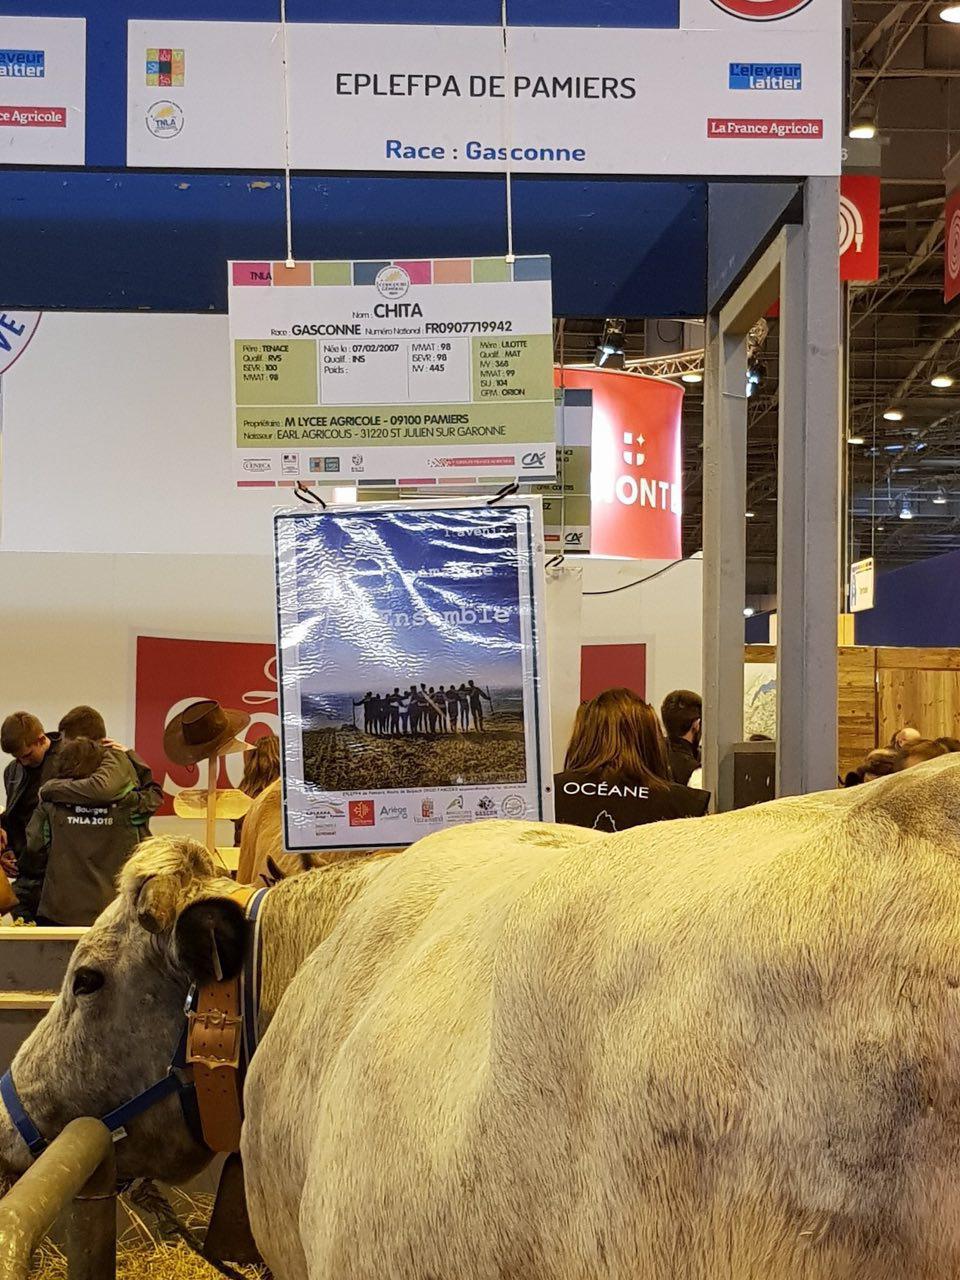 Passage par le stand du lycée agricole de Pamiers à la rencontre des agriculteur.trice.s de demain.